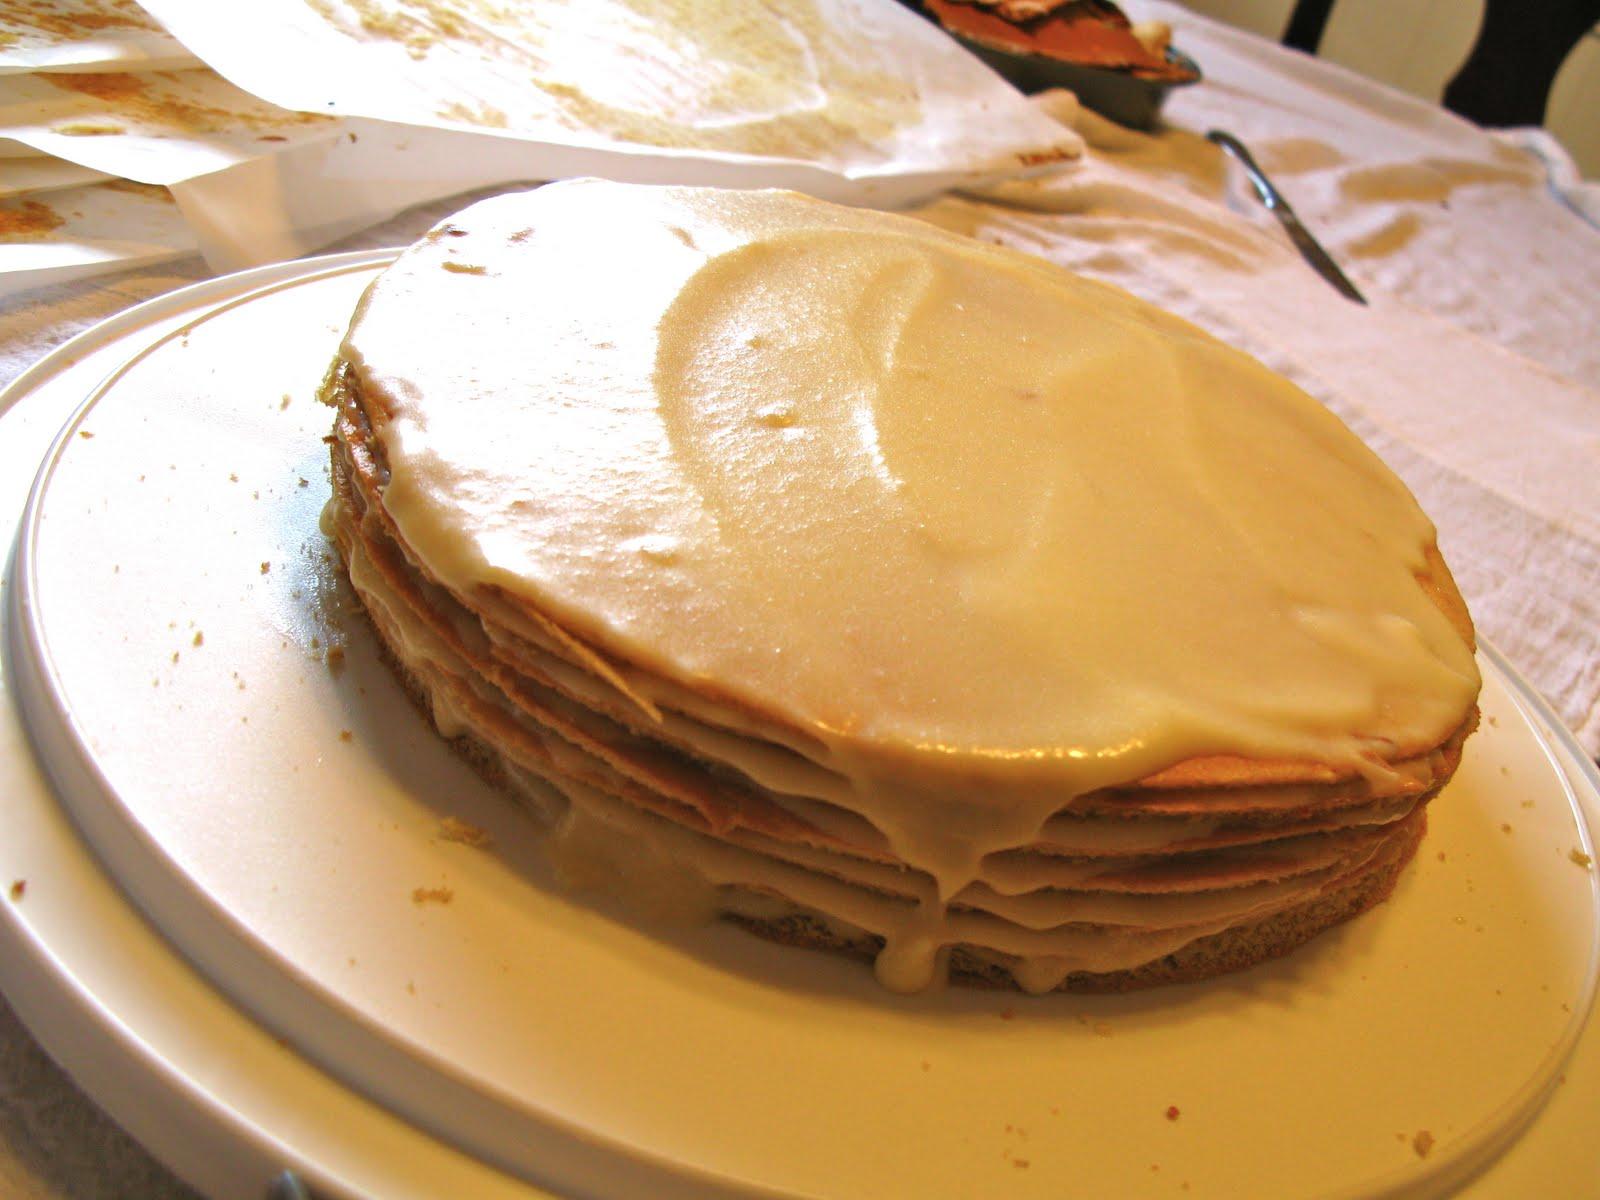 Заварной крем рецепт для медового торта в домашних условиях рецепт с фото